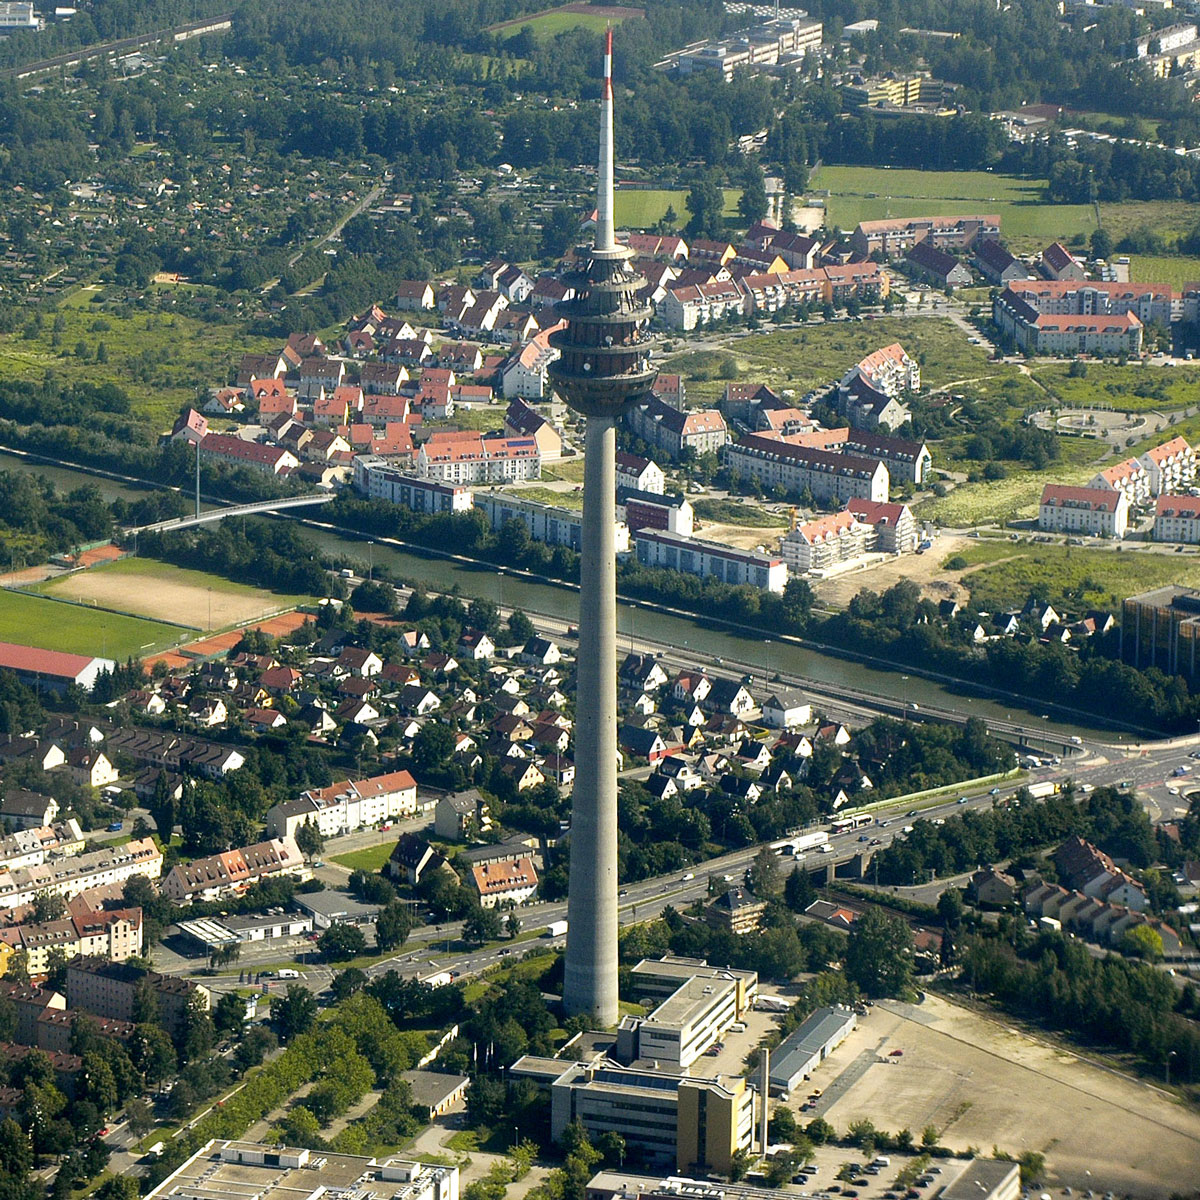 Höchstes Bauwerk Bayern